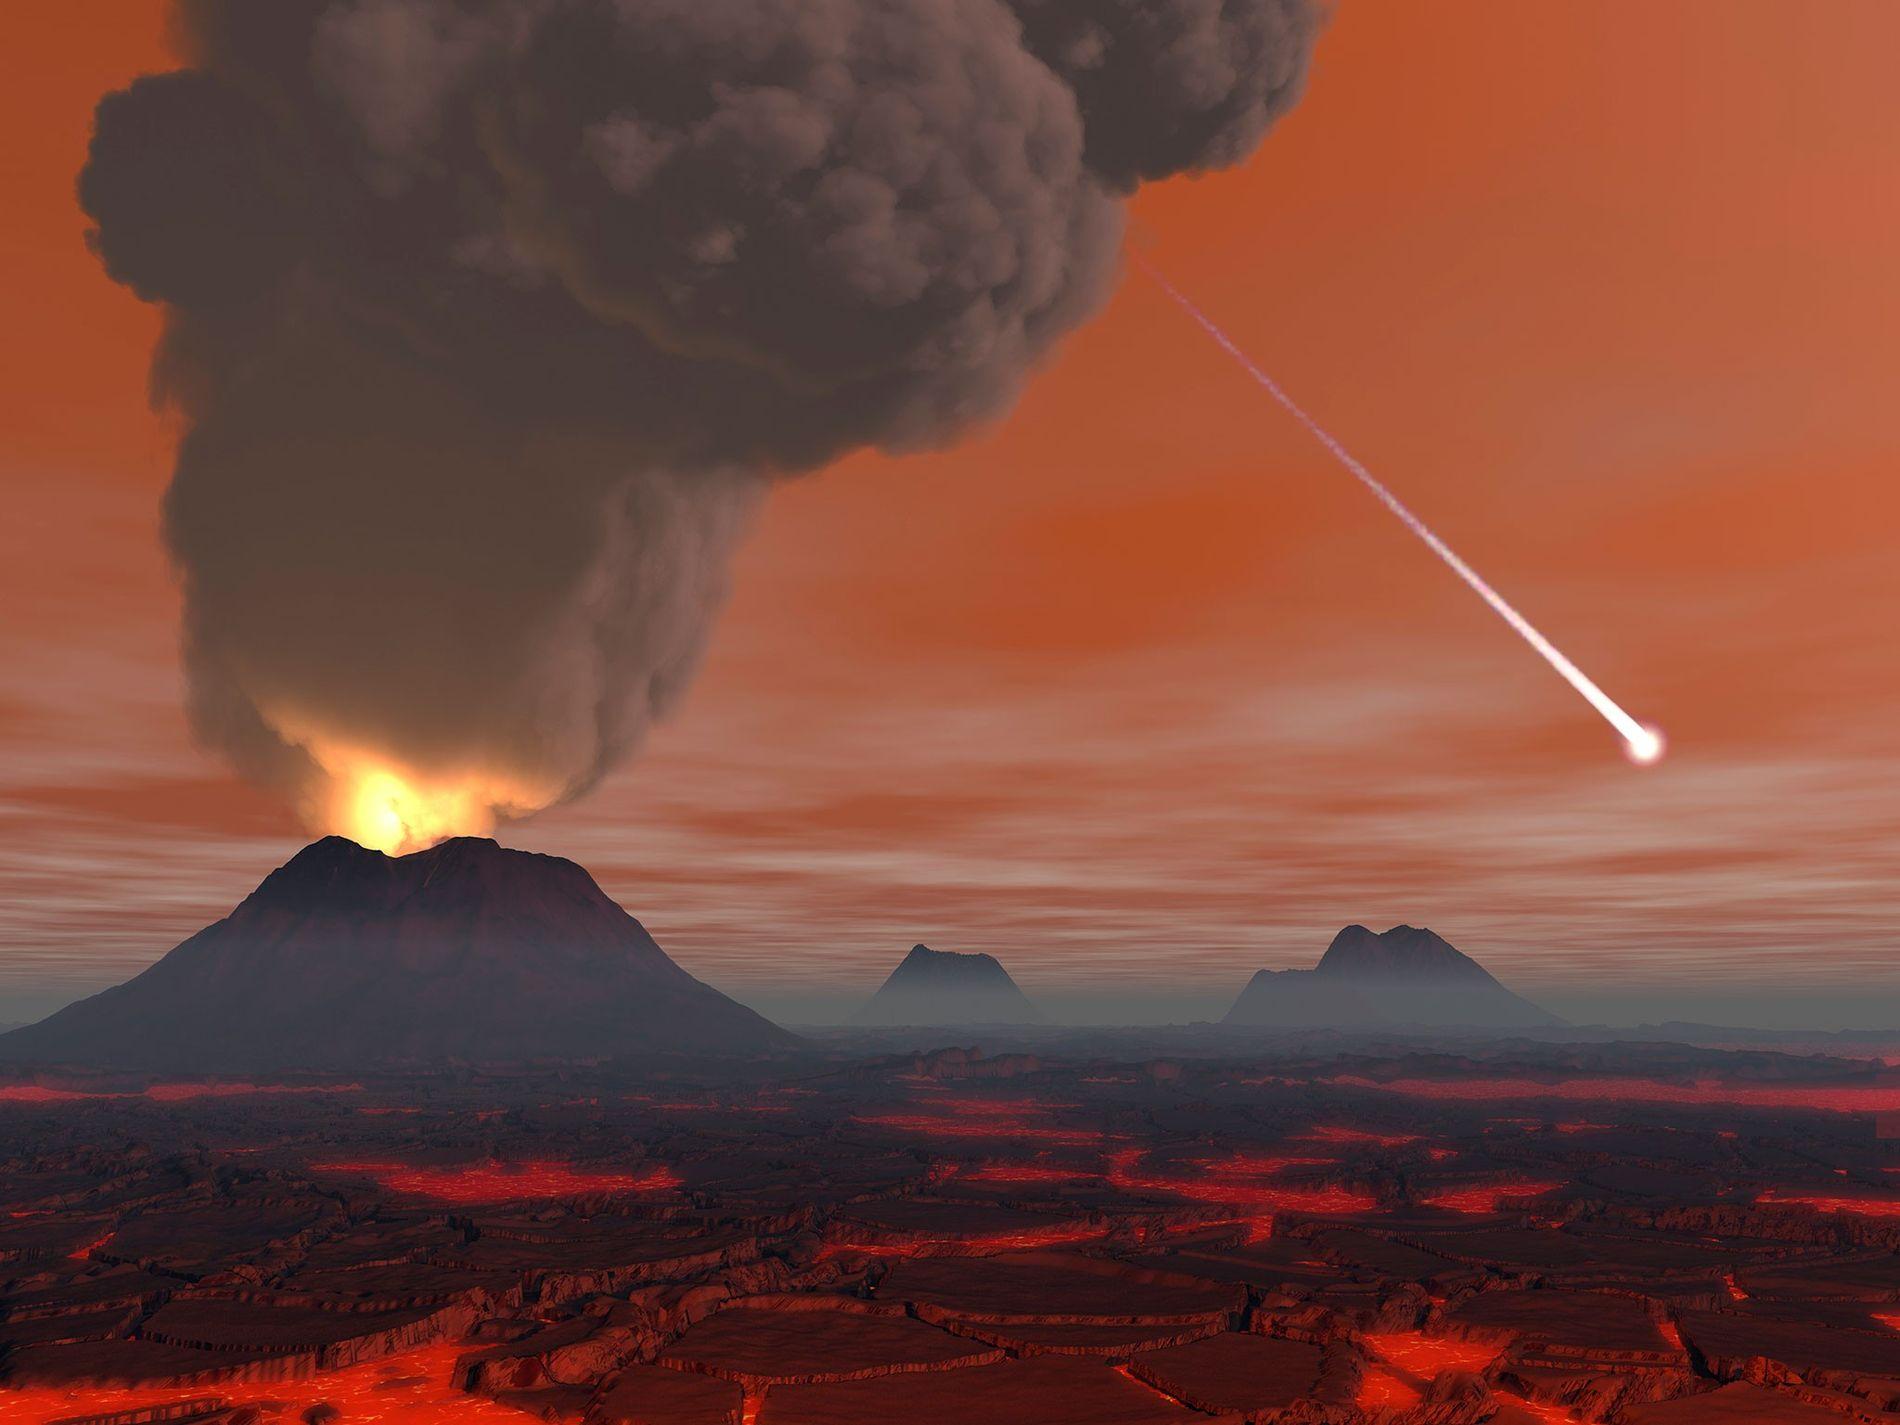 Wissenschaftler und Künstler stellen die junge Erde oft als glühende Höllenlandschaft mit Vulkanen und Lavafeldern dar. ...